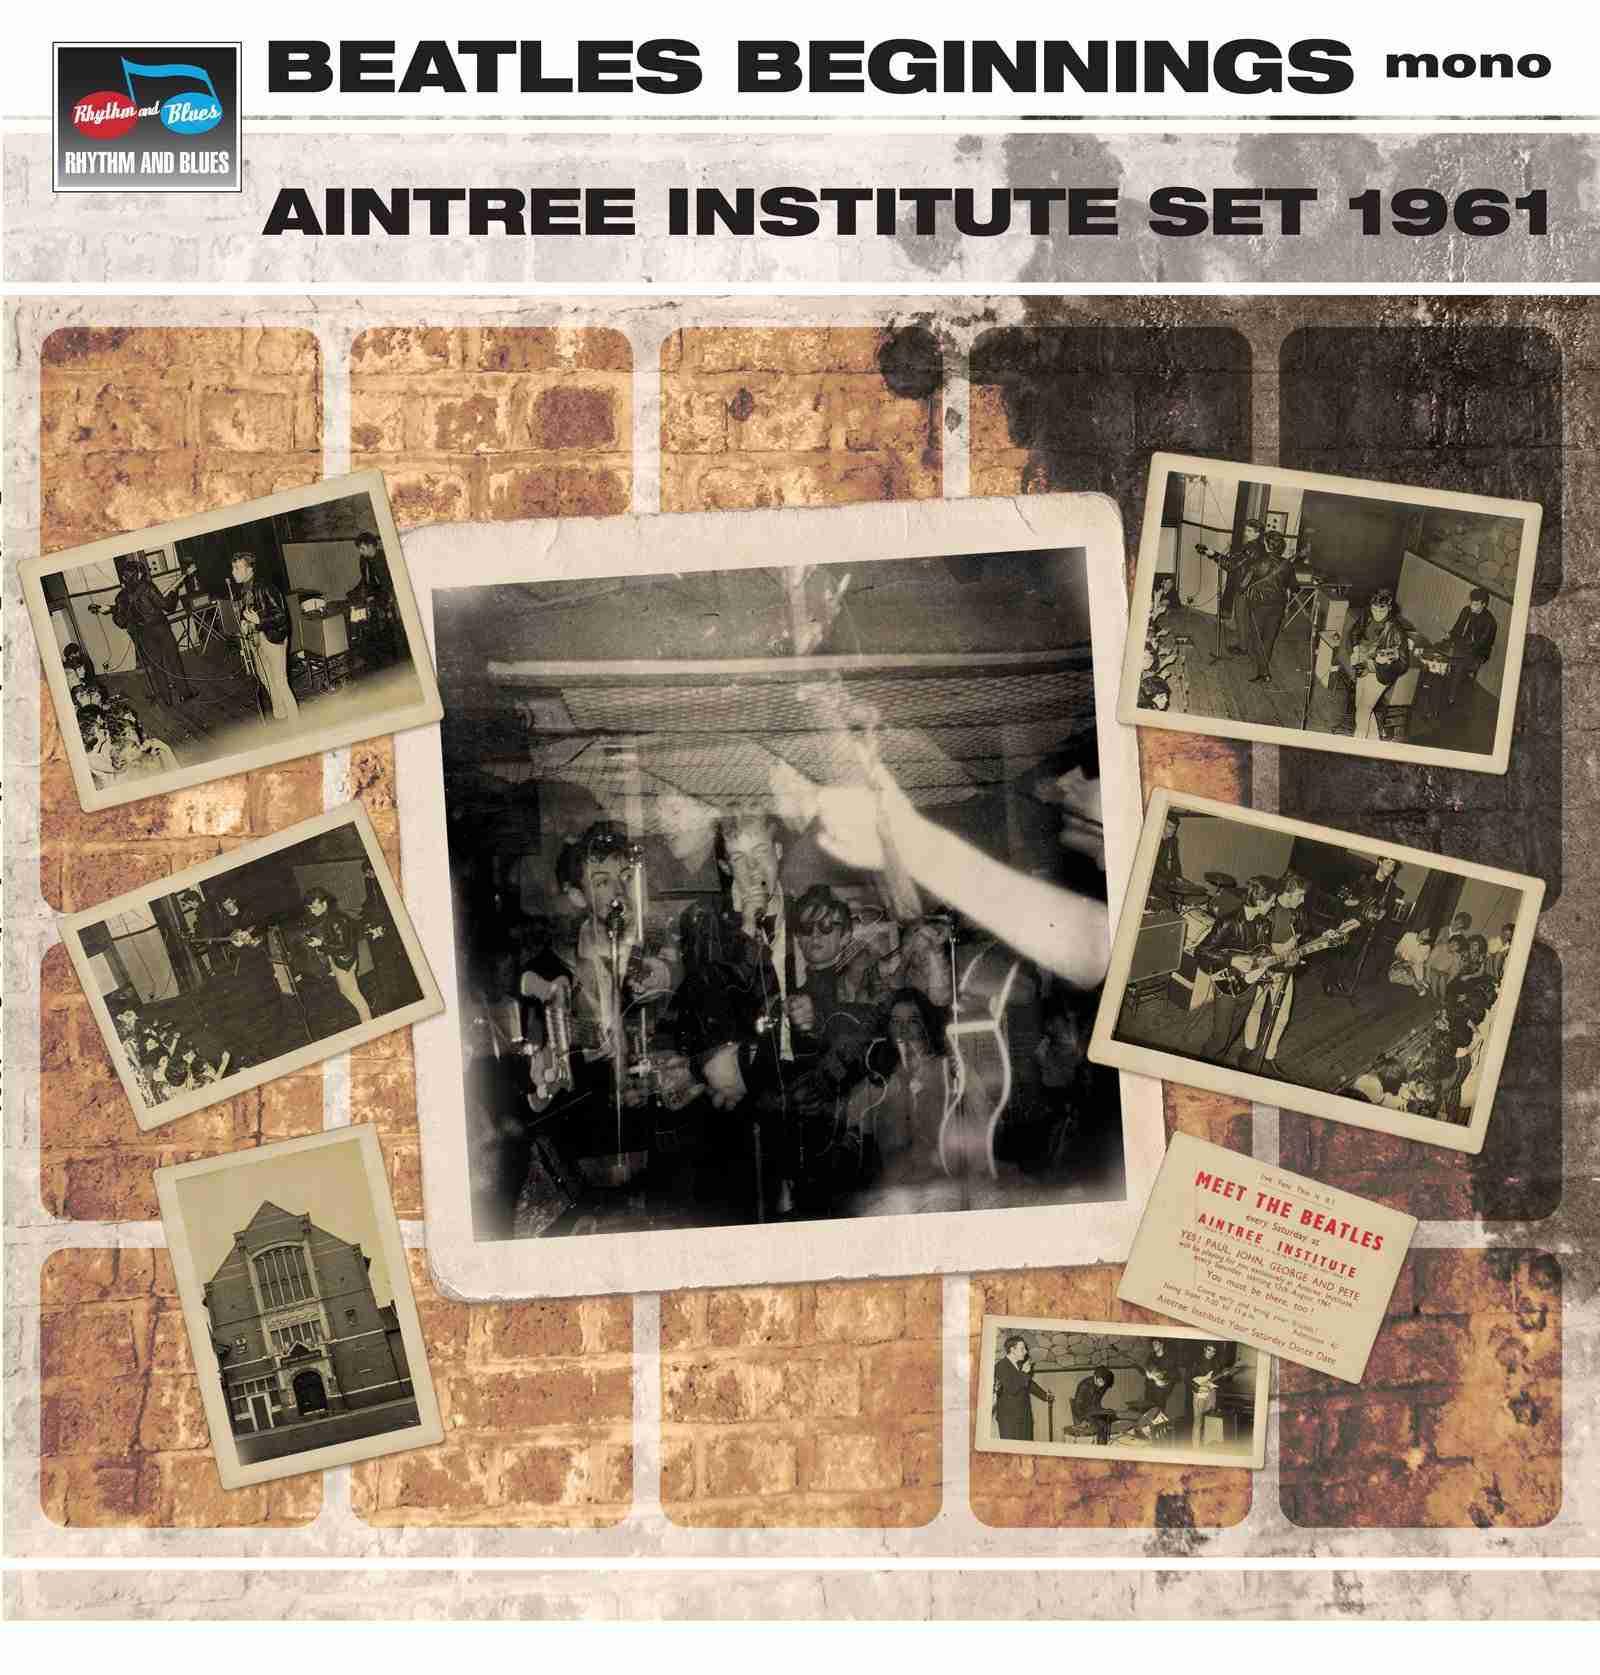 Beatles Beginnings - Aintree Institute Set 1961